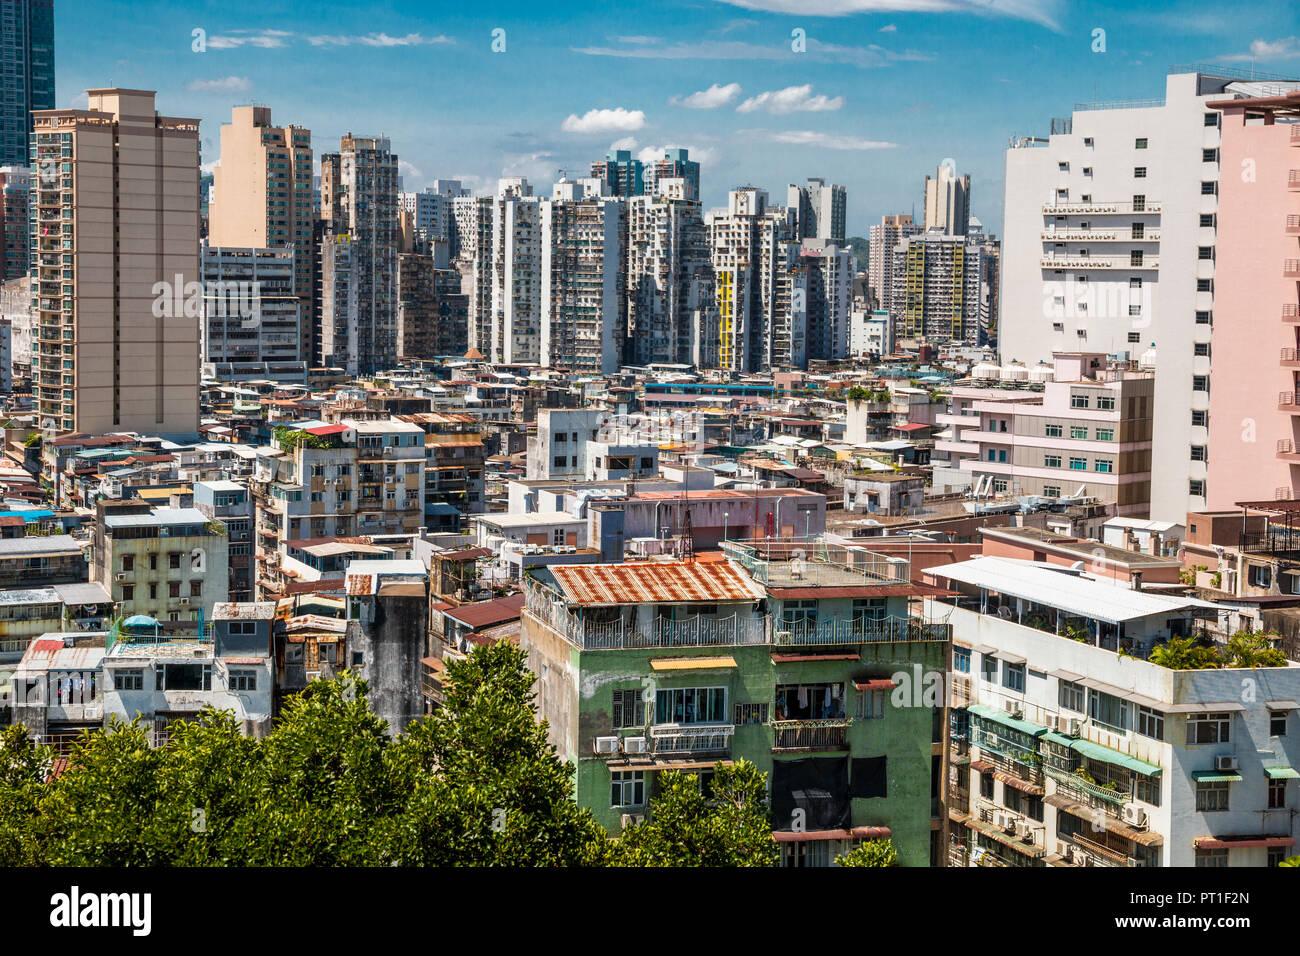 Blick auf die Altstadt in Macau mit mietskasernen Gehäuse im Vordergrund. Die markante Wohnhäuser sind sehr nahe beieinander und zeigt... Stockbild